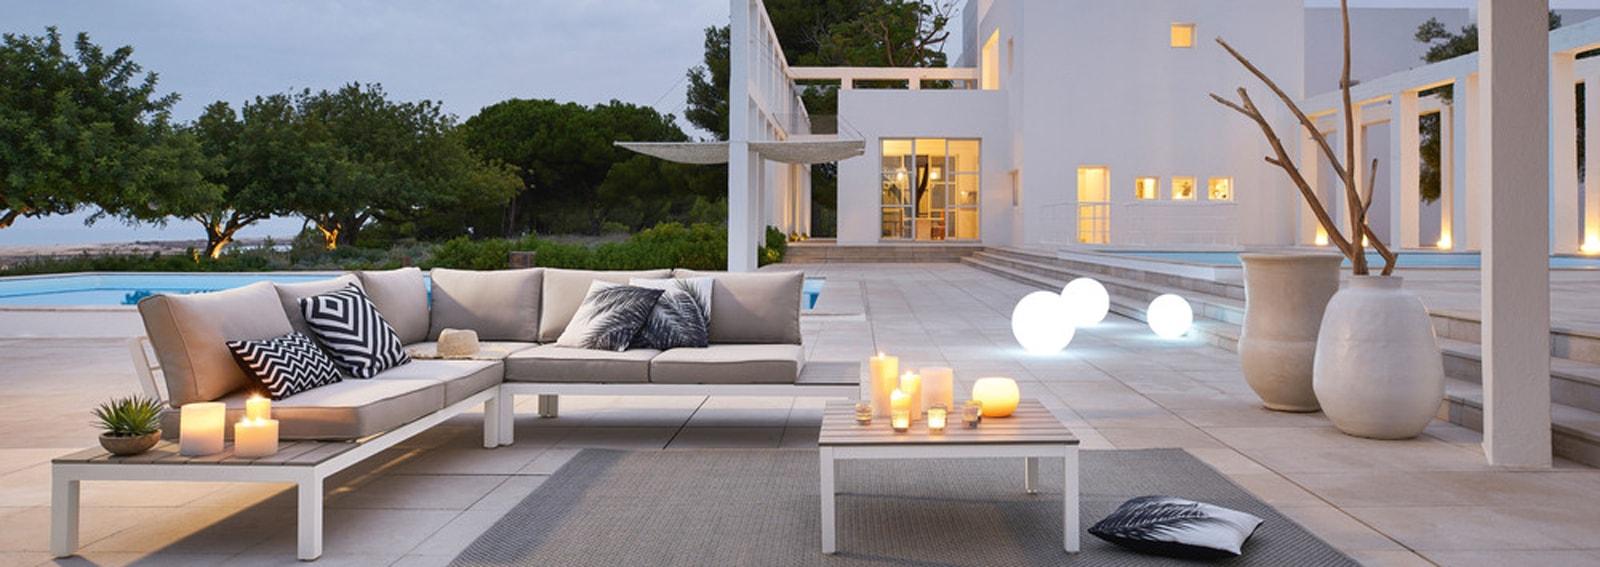 Arredo Balconi E Terrazze maisons du monde: la nuova collezione per giardini, balconi